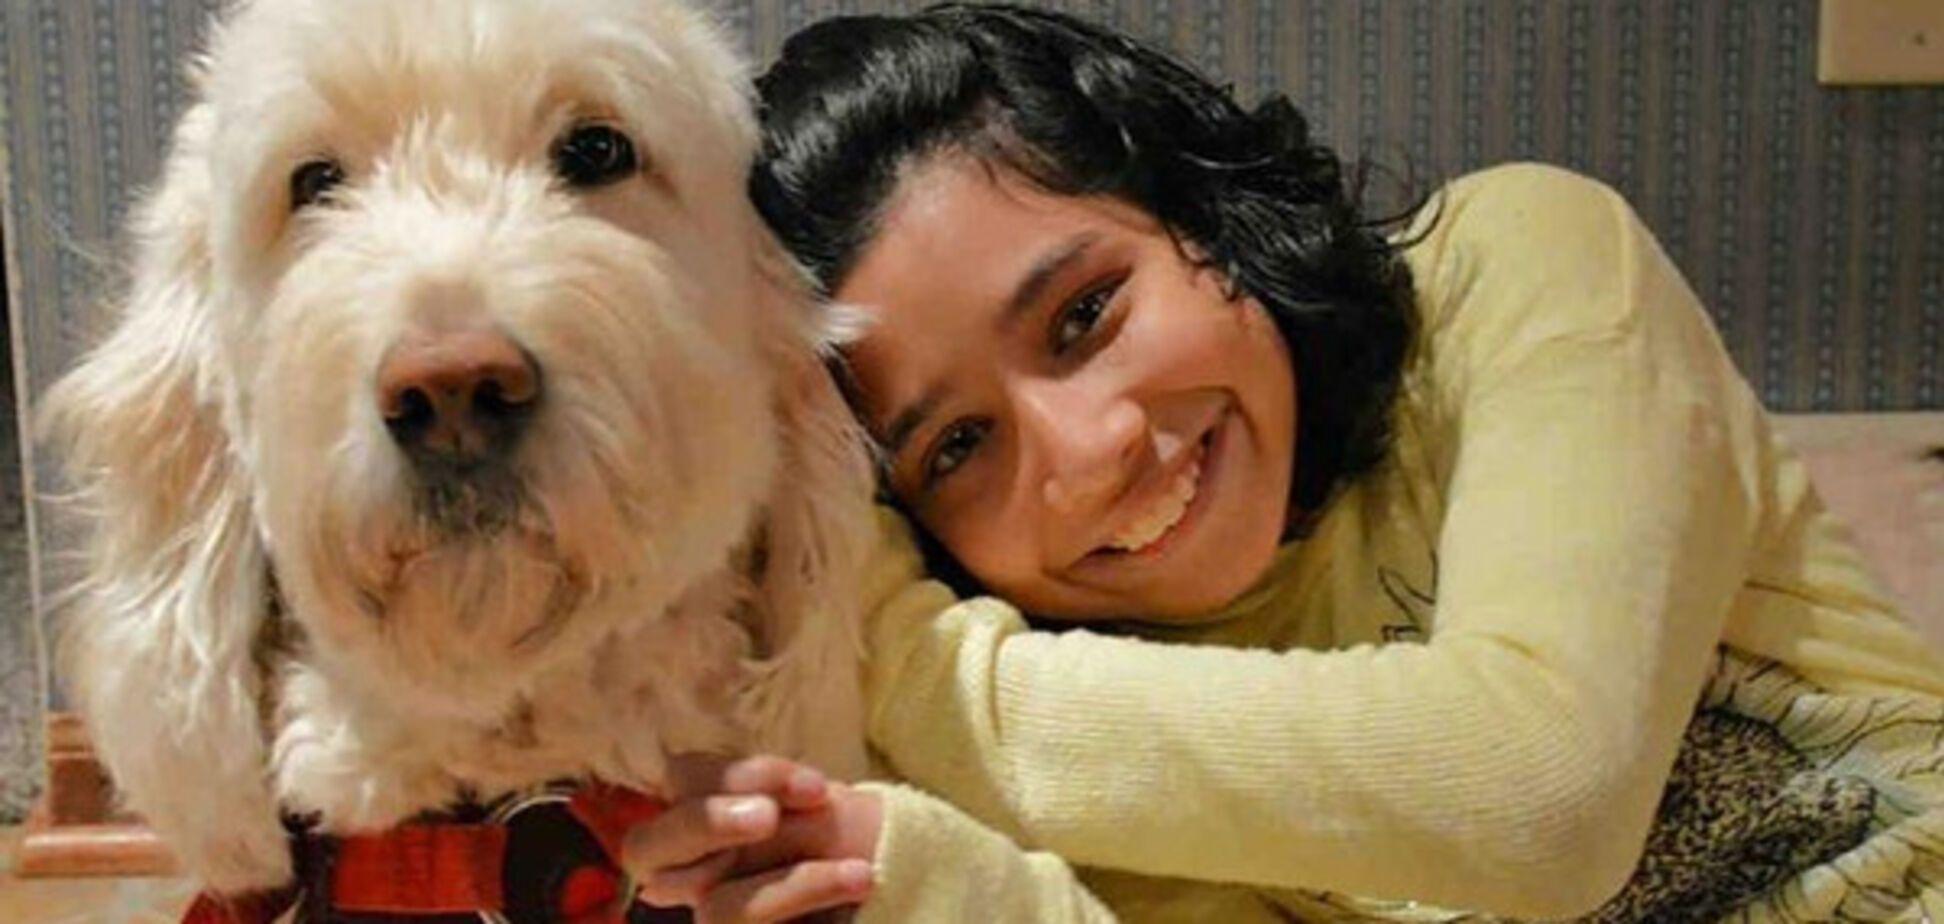 Надевает на ребенка пальто: история с собакой и больной девочкой в США получила развязку